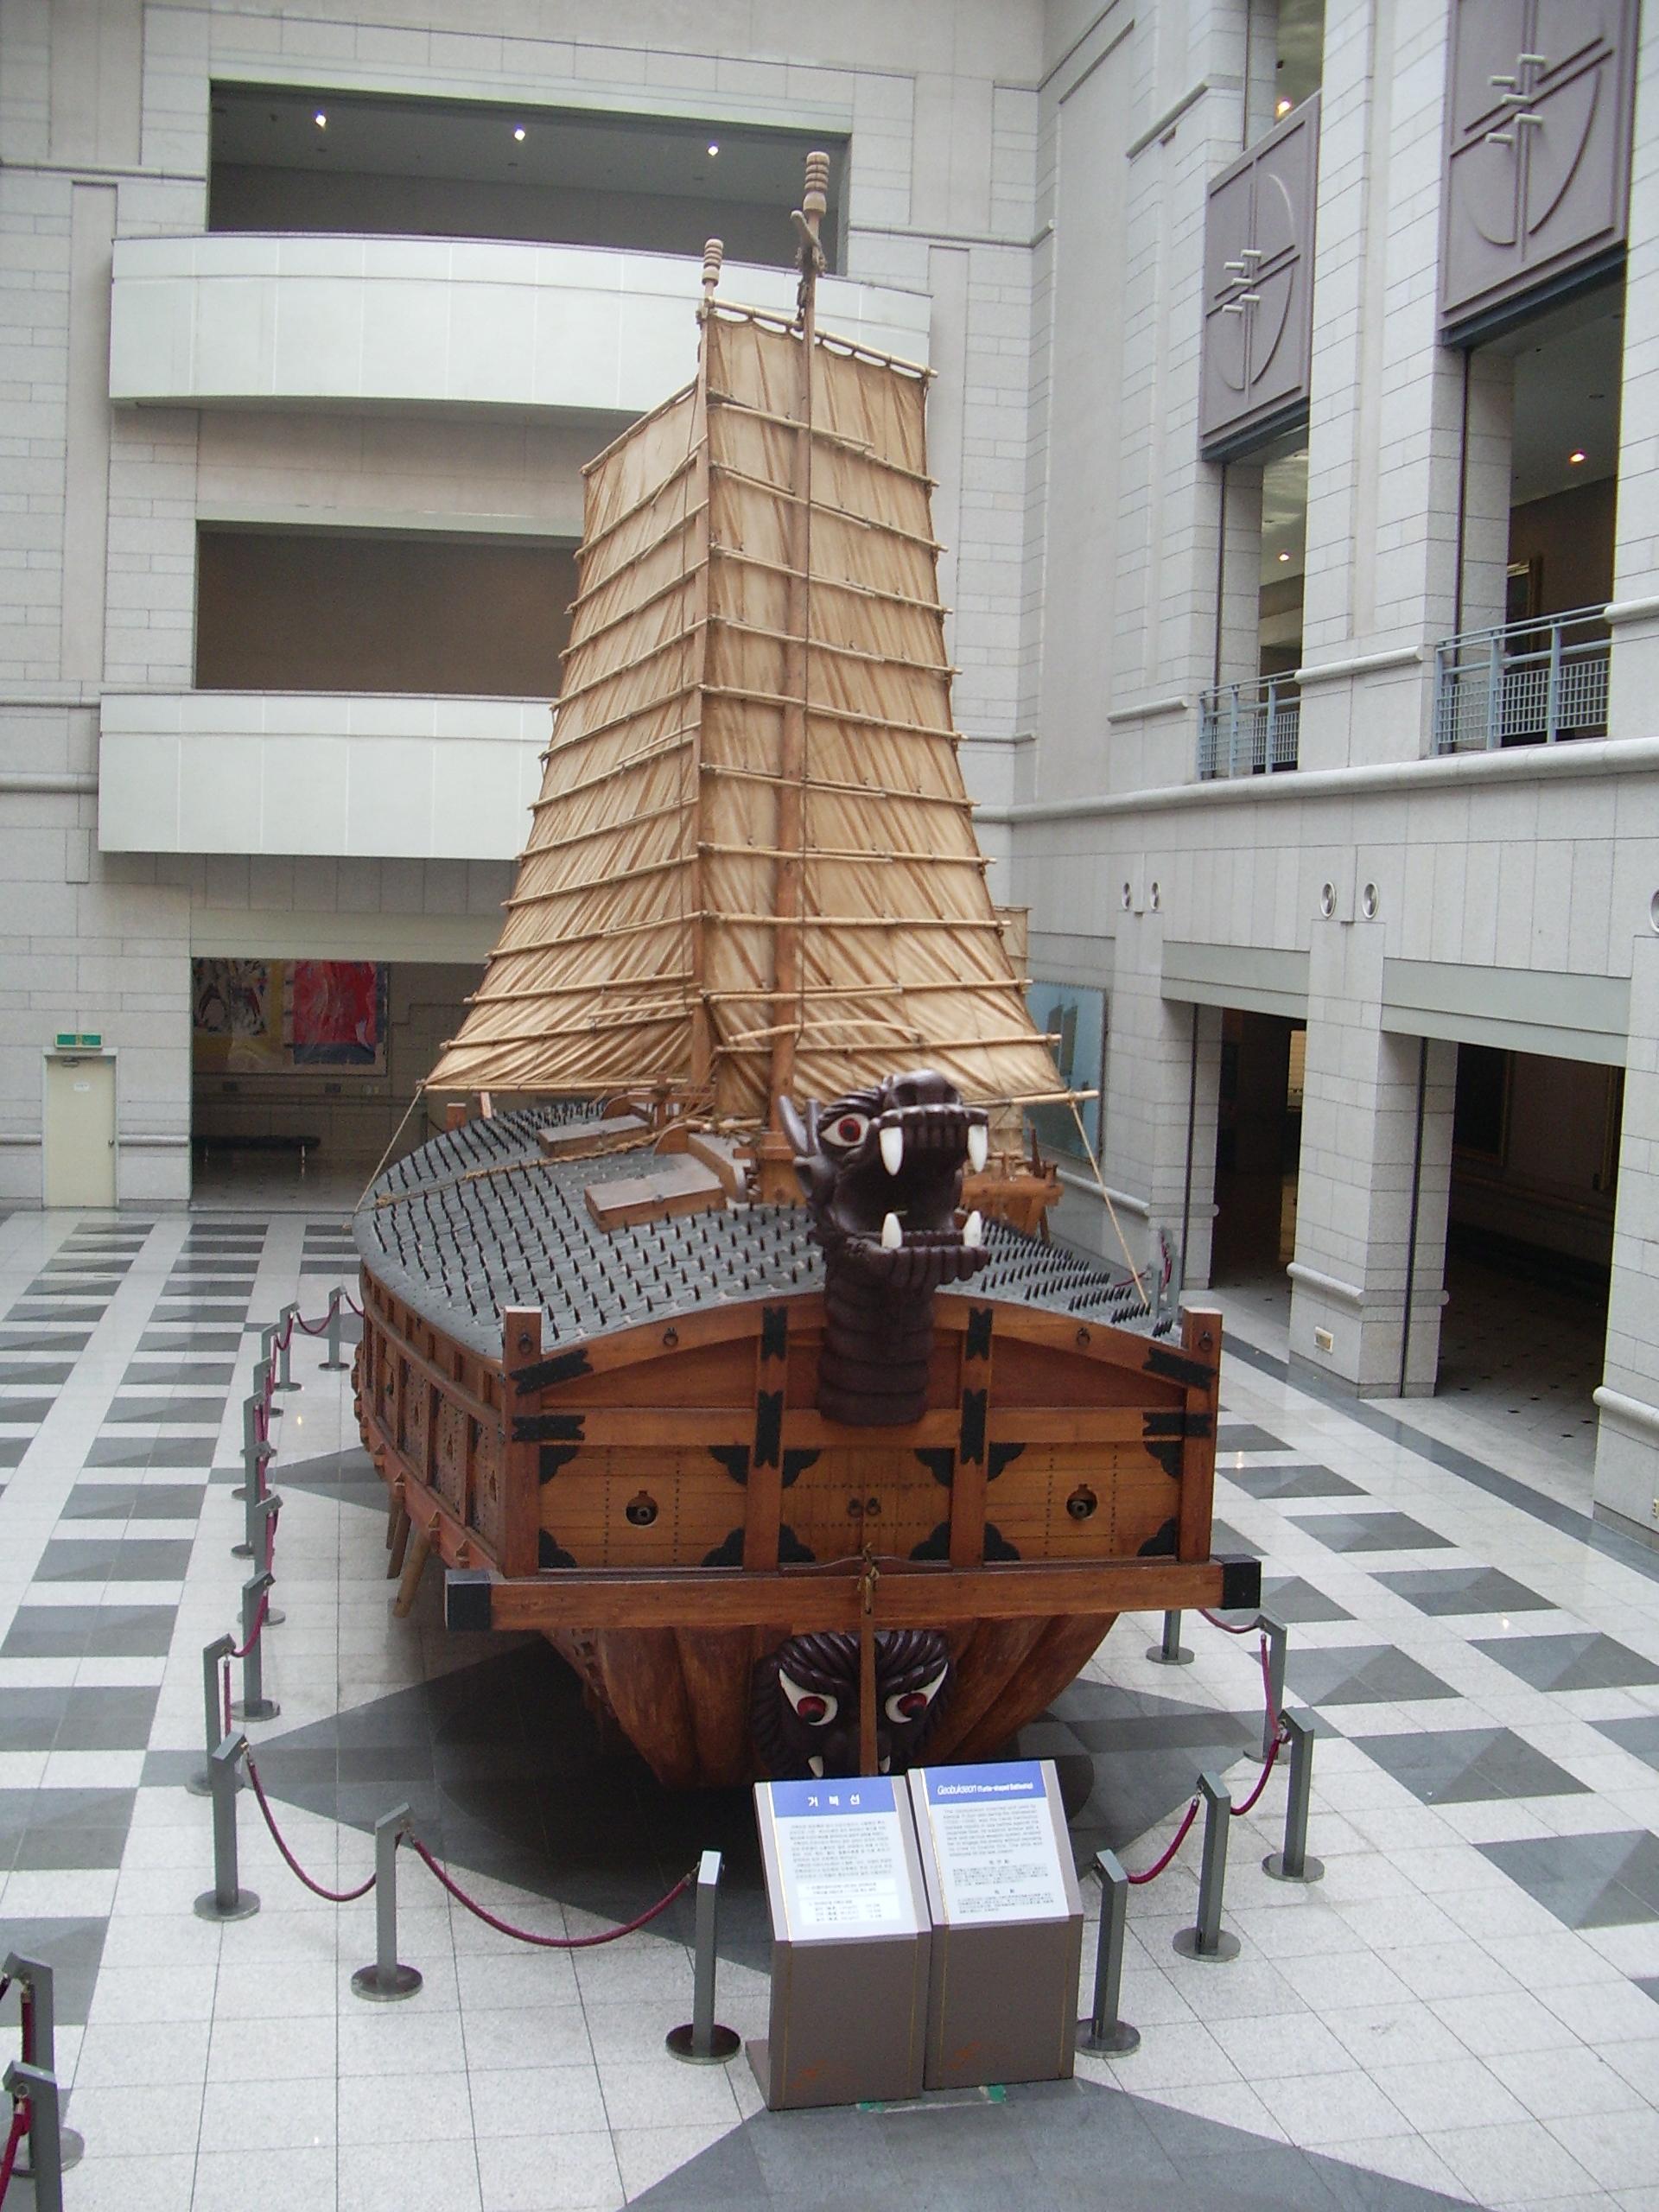 Schildkrötenschiff Kriegsschiff aus Kore. Berühmte Schildkröten auf Villa Amanda der Schildkrötenblog